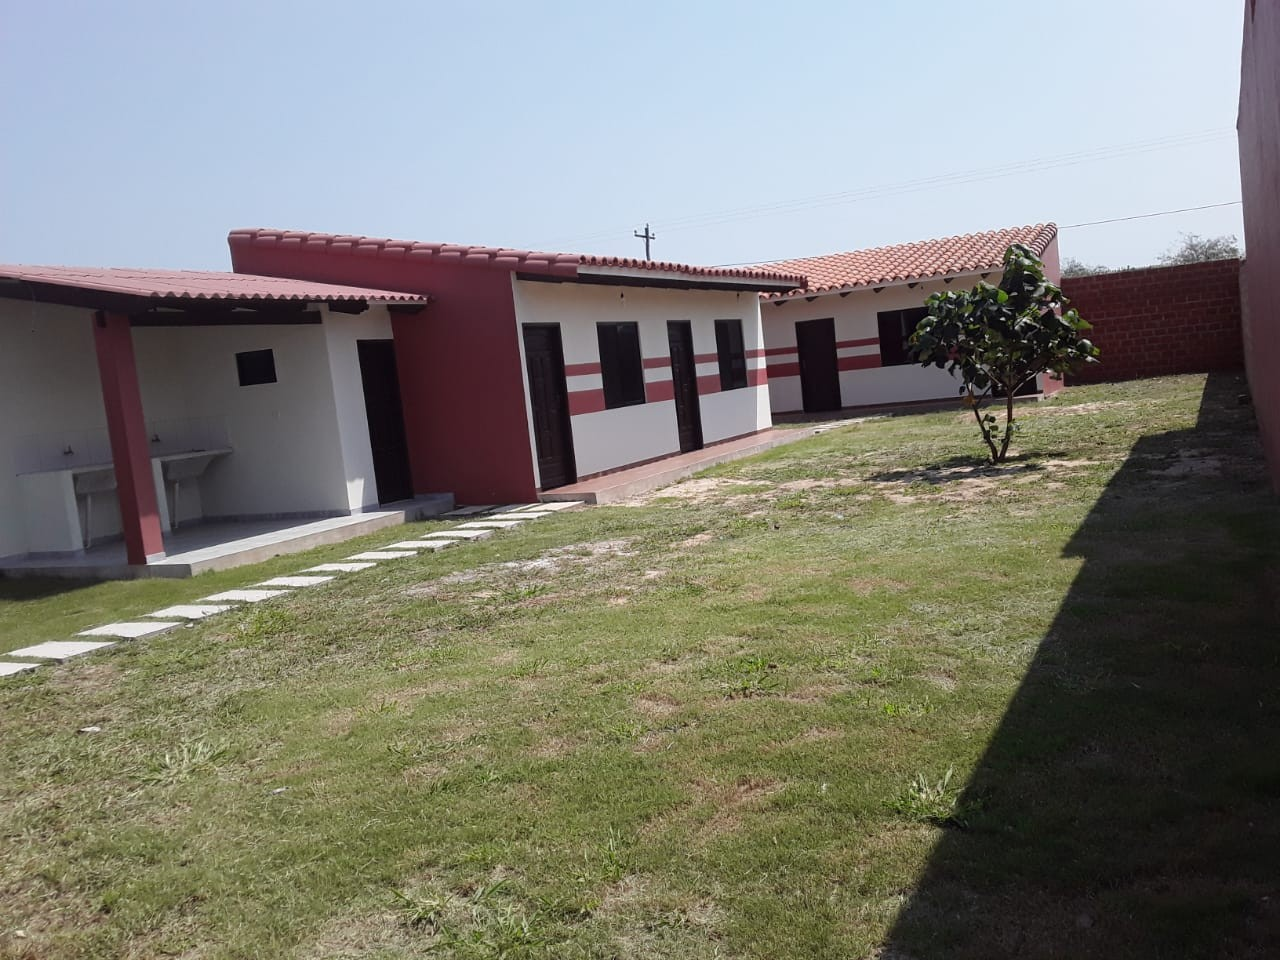 Casa en Venta URBANIZACION LOS PIYOS DOBLE VIA LA GUARDIA KM 9 Foto 1